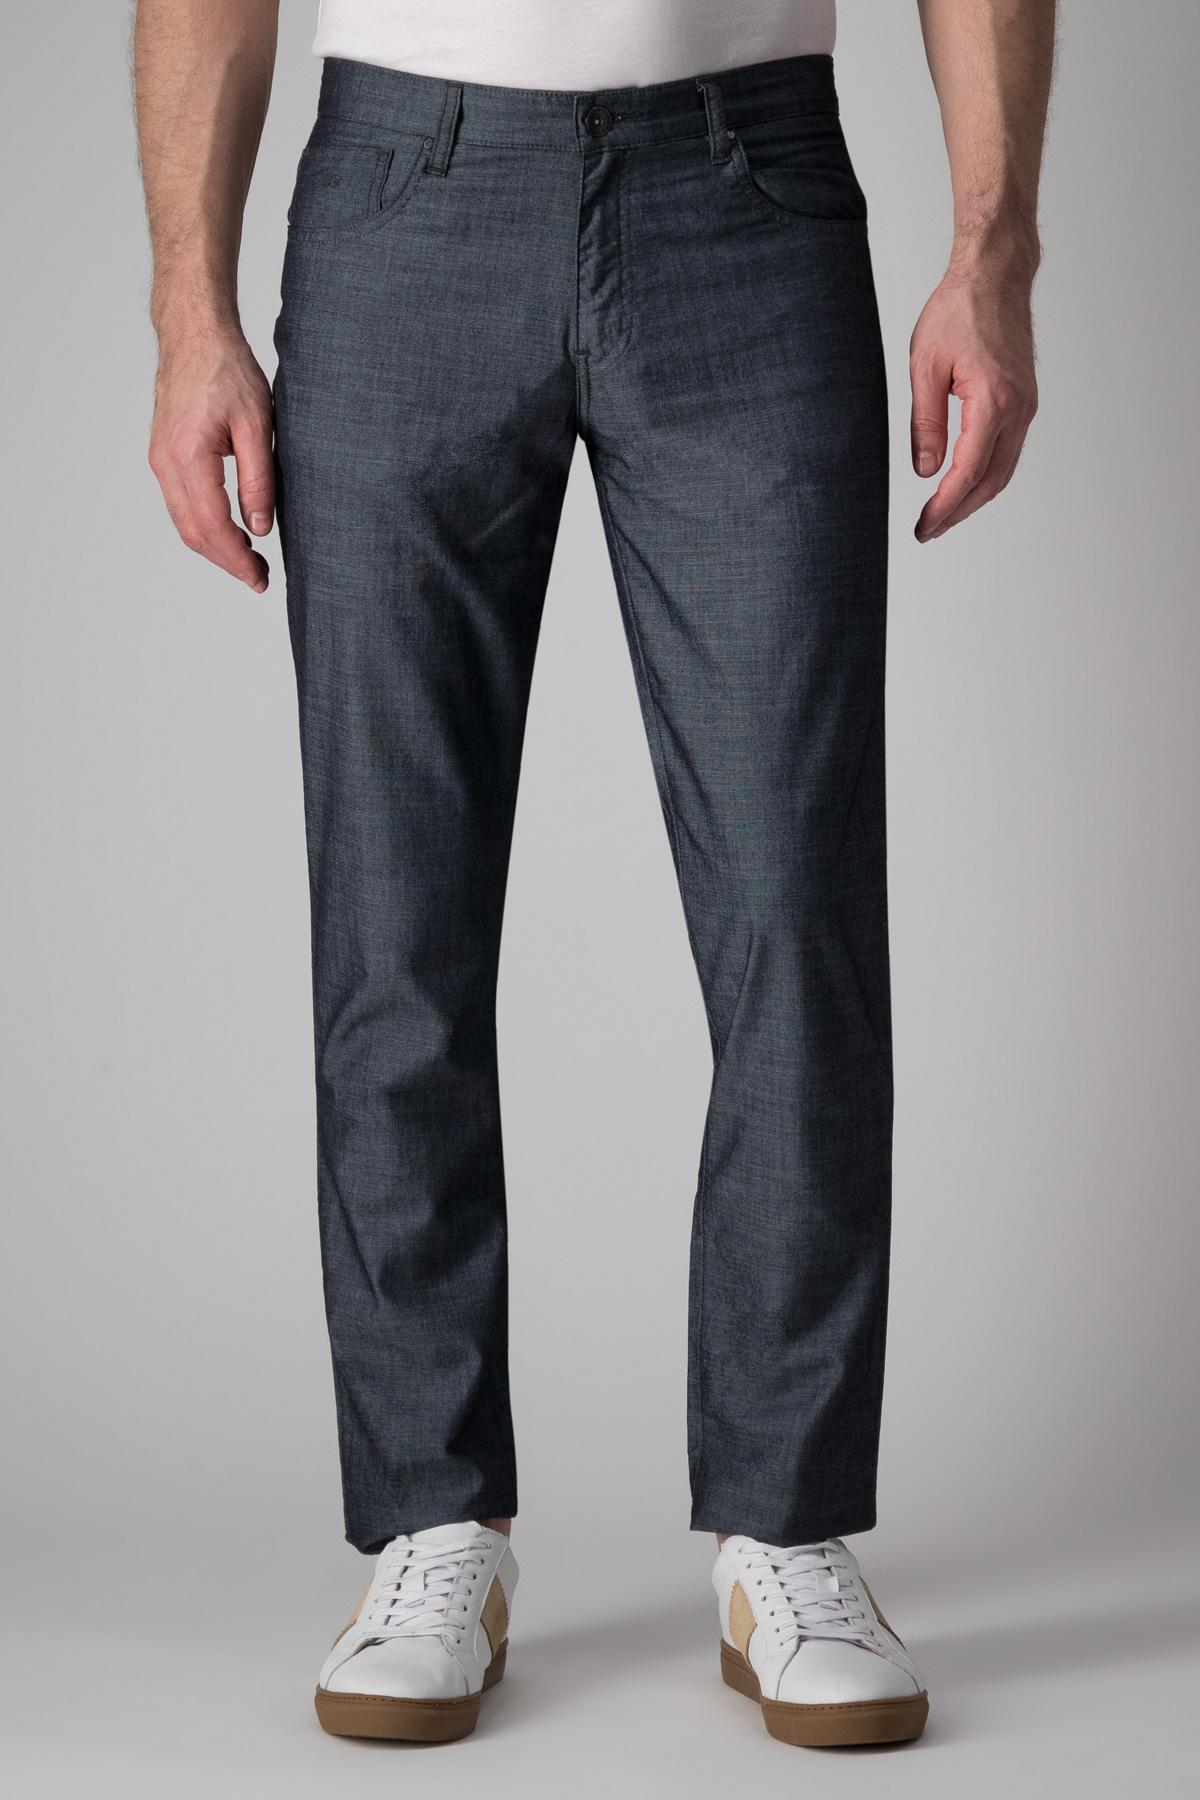 Pantalón Calderoni, modelo 5 bolsillos color azul.